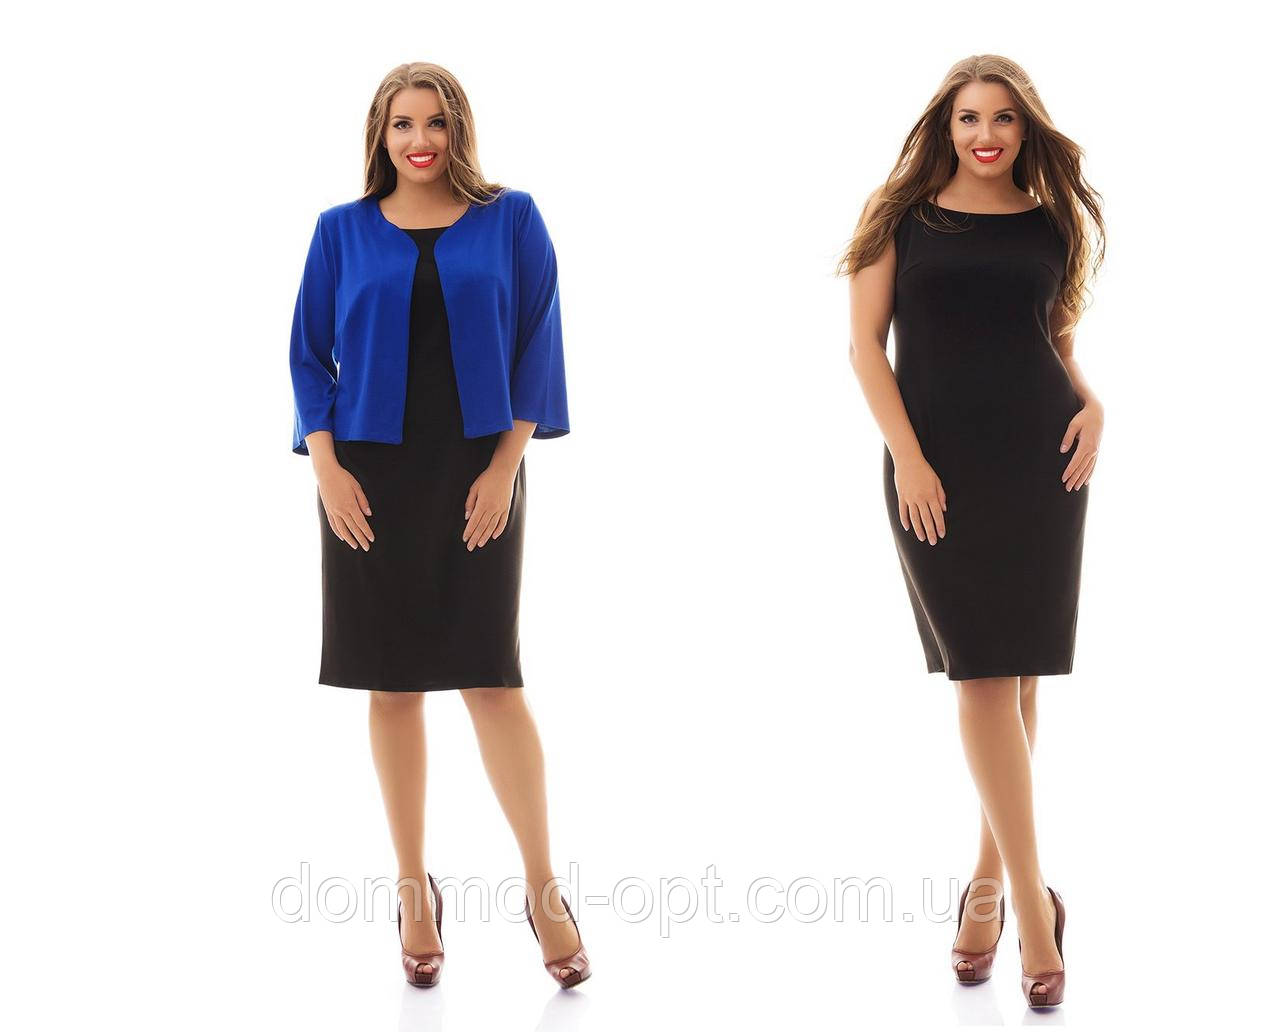 Женский костюм-двойка больших размеров (пиджак+платье) 945 (р. 48-62)